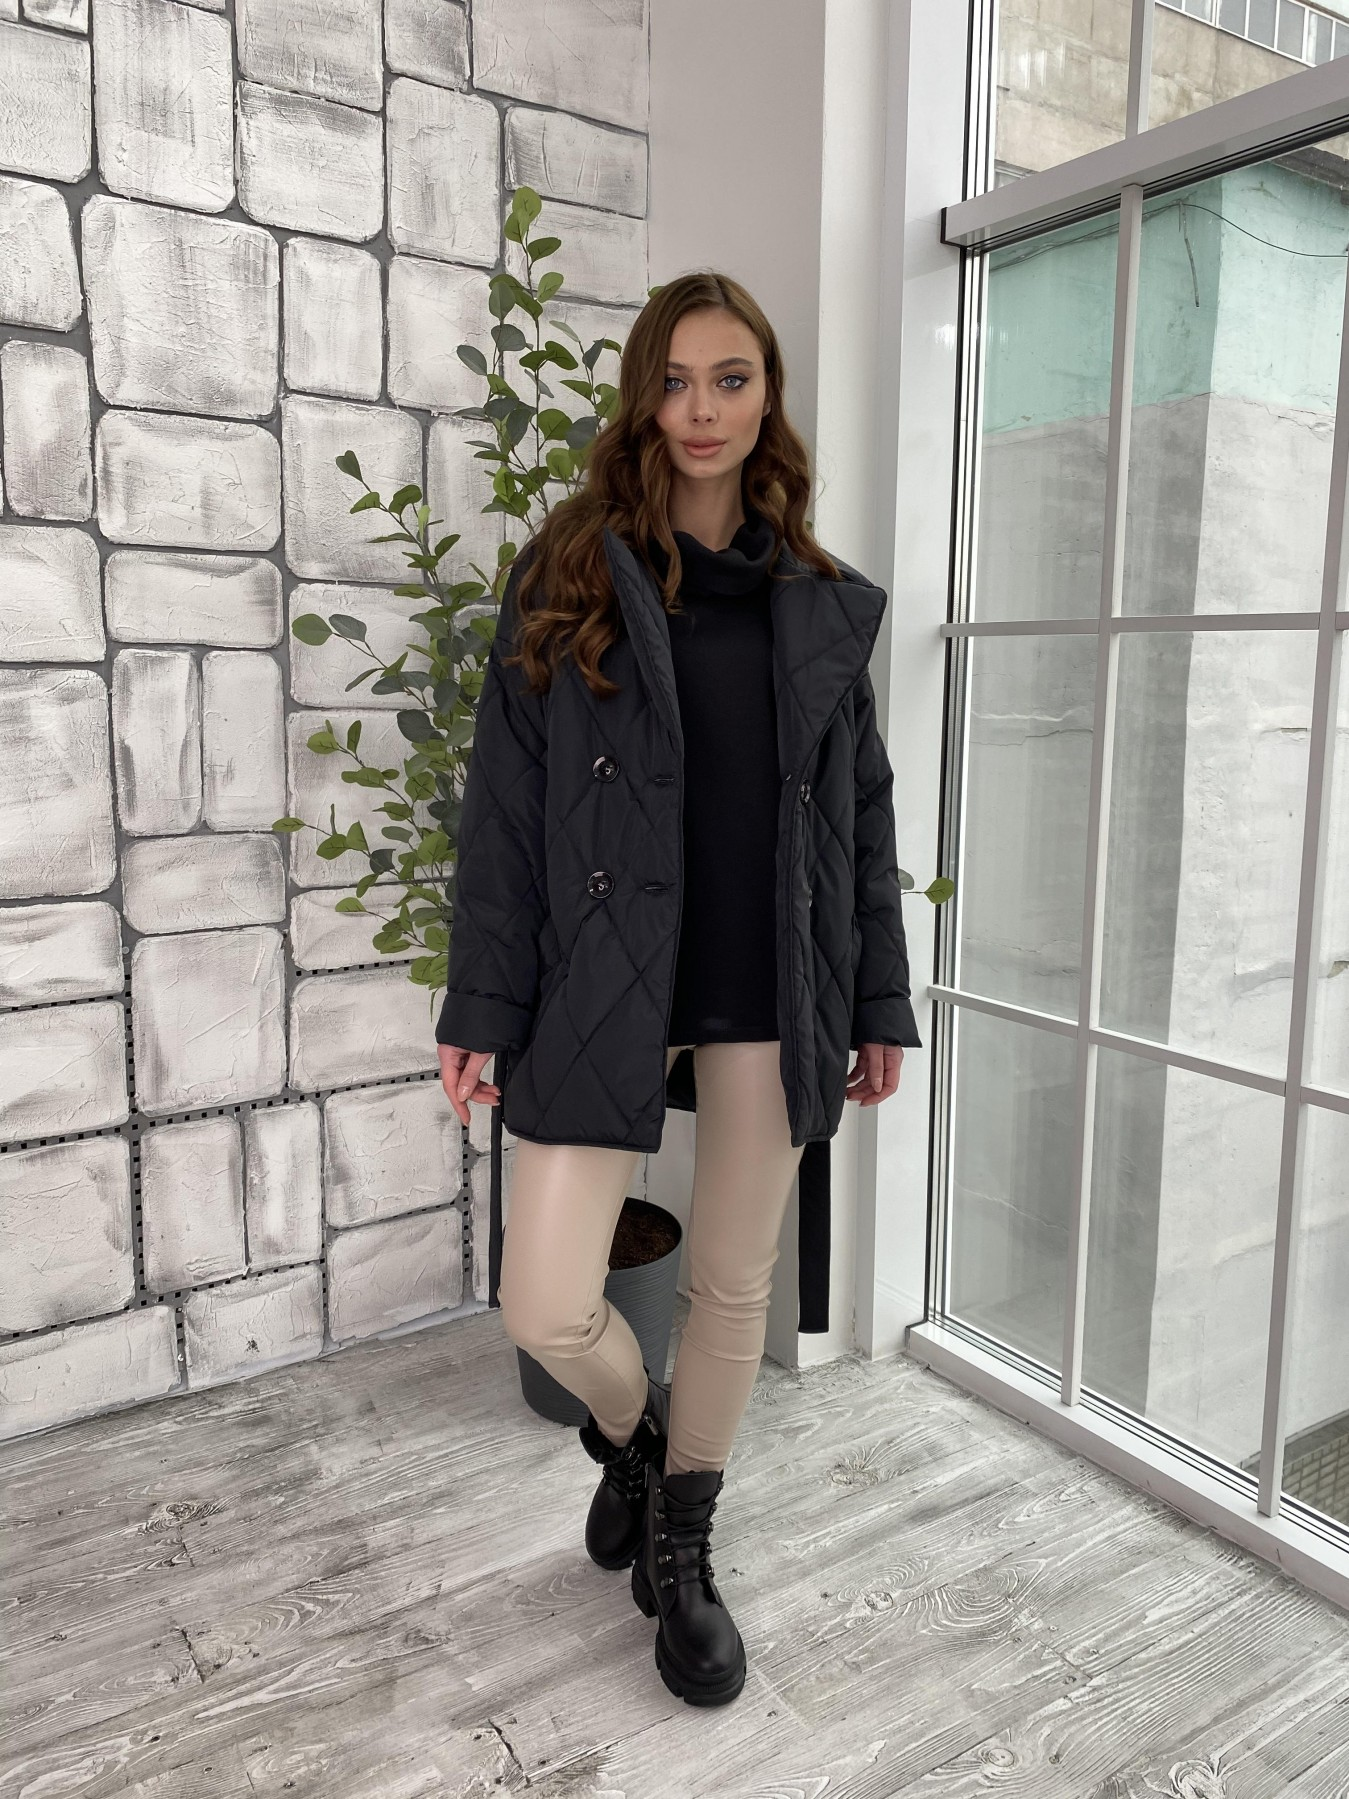 Норд куртка из плащевой ткани стеганая 10883 АРТ. 47354 Цвет: Черный - фото 3, интернет магазин tm-modus.ru